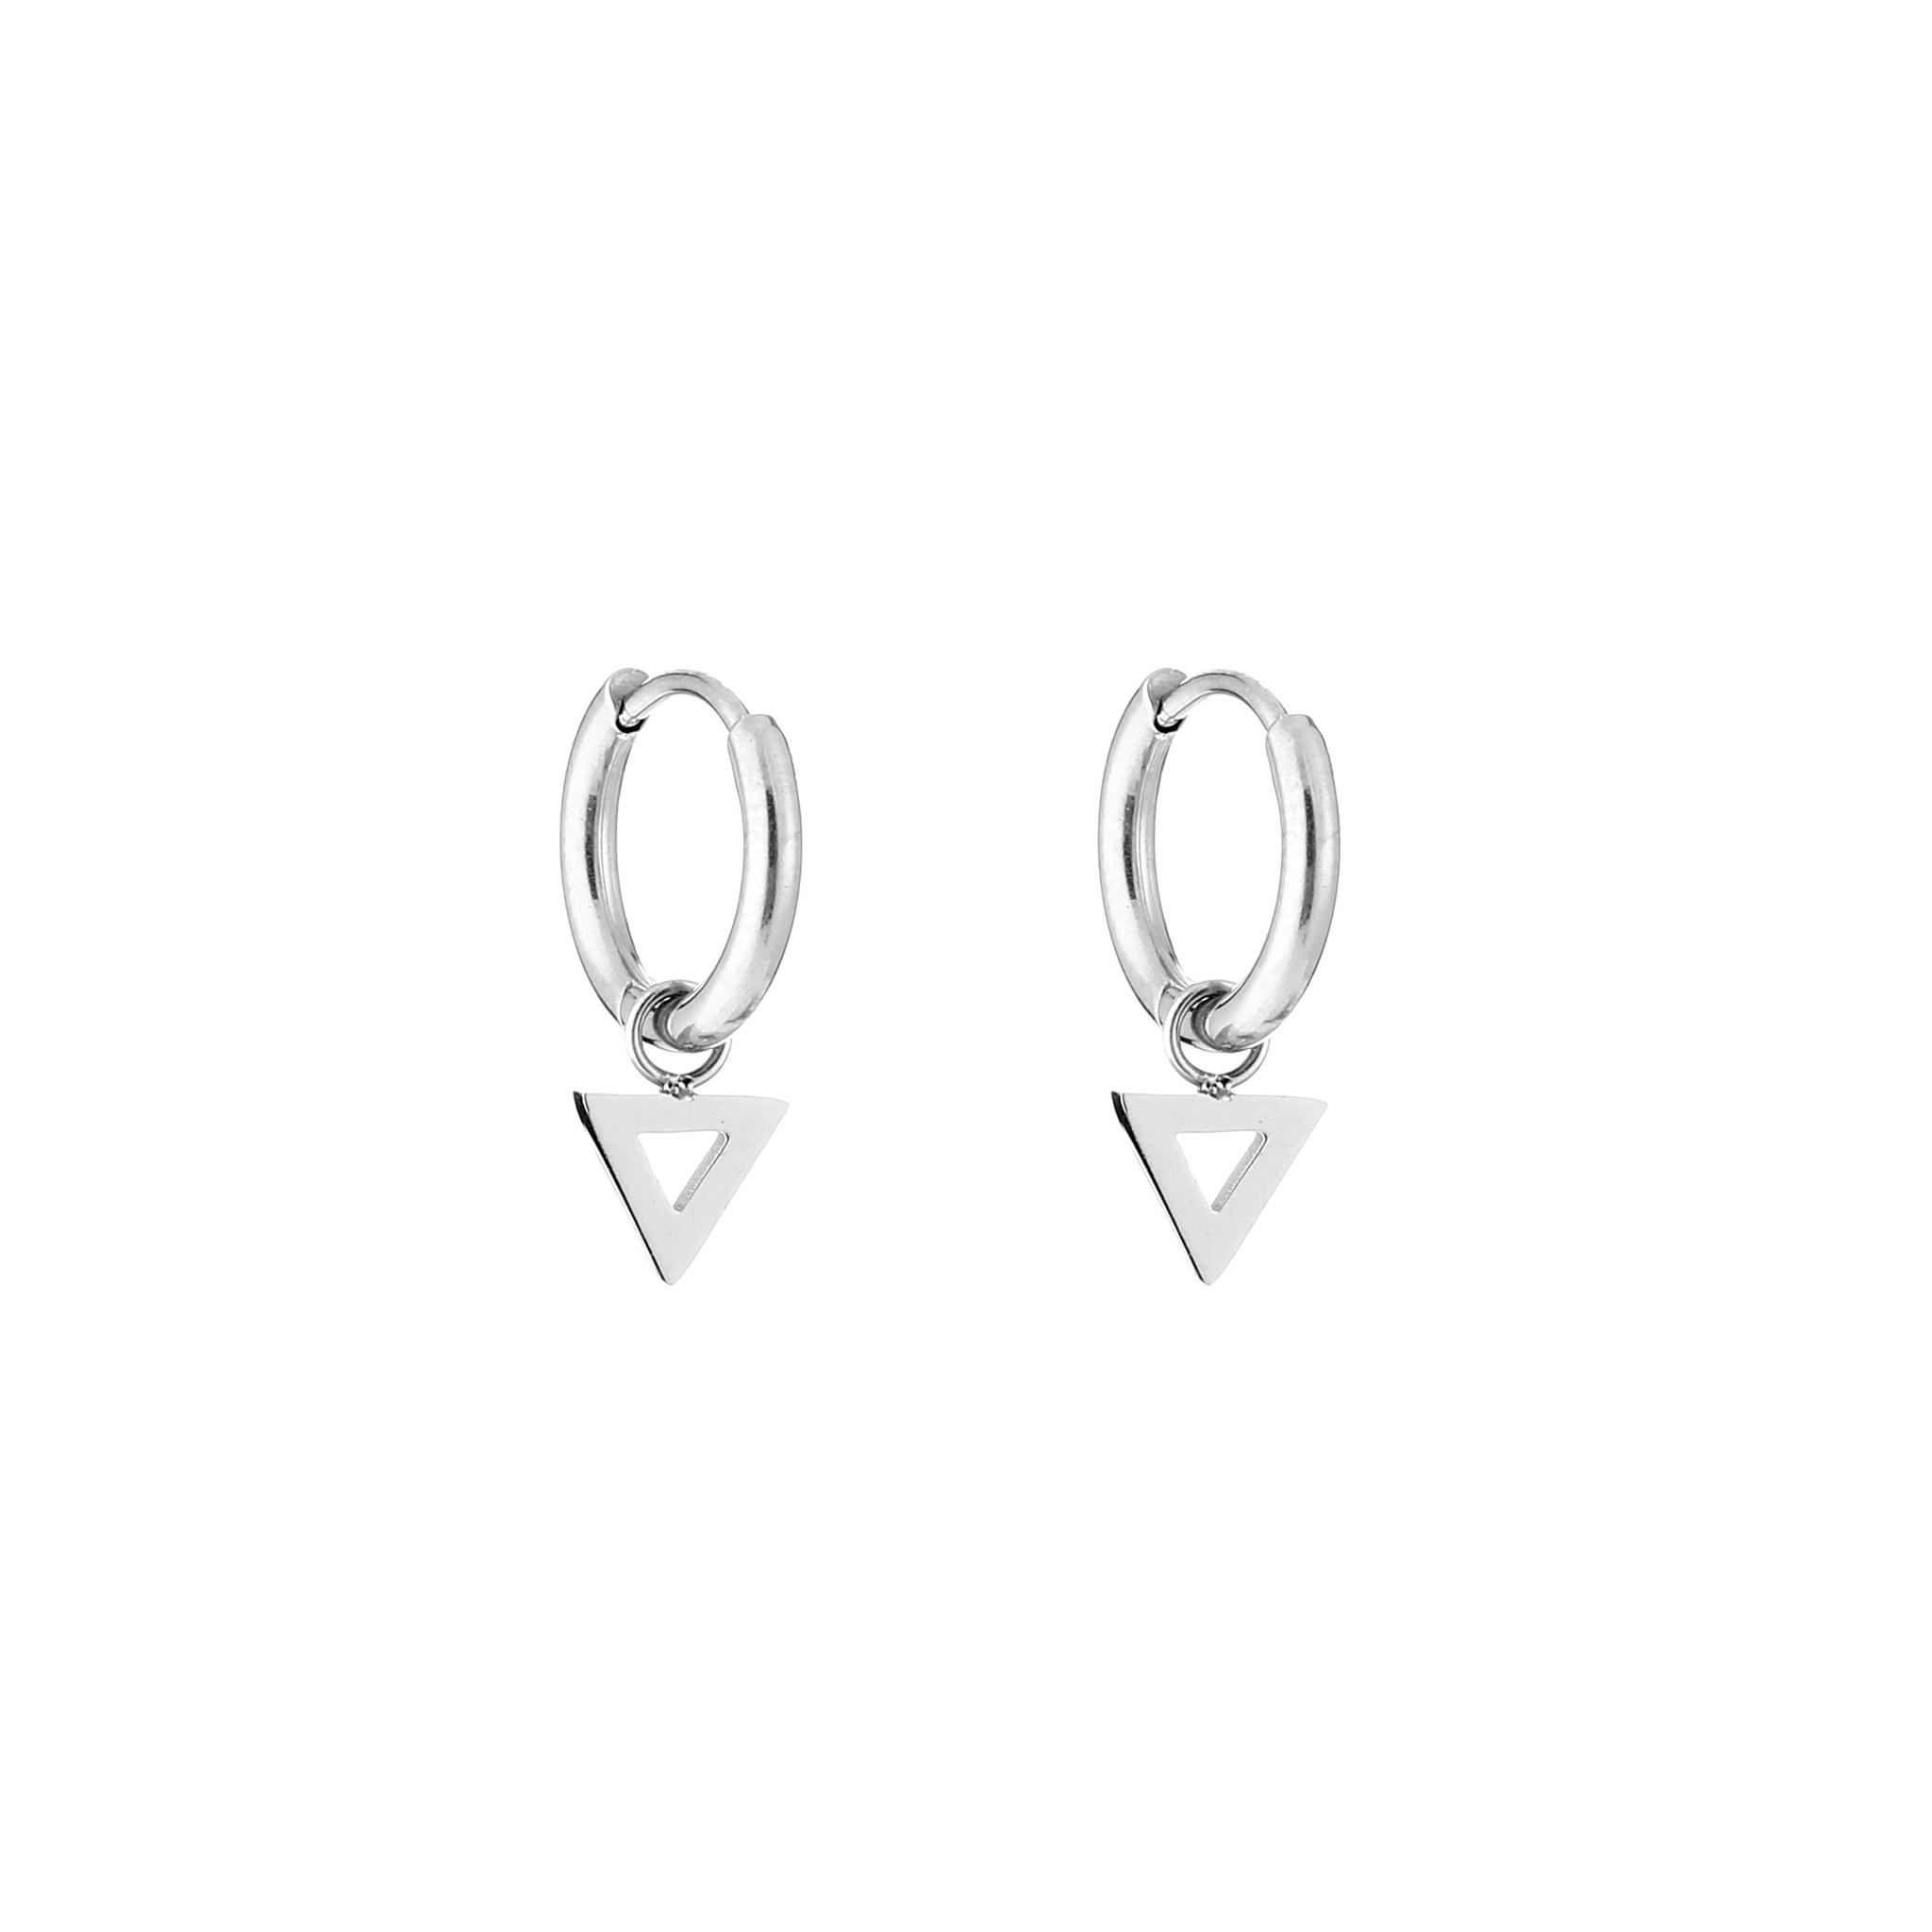 Open Triangle Hoop Earrings